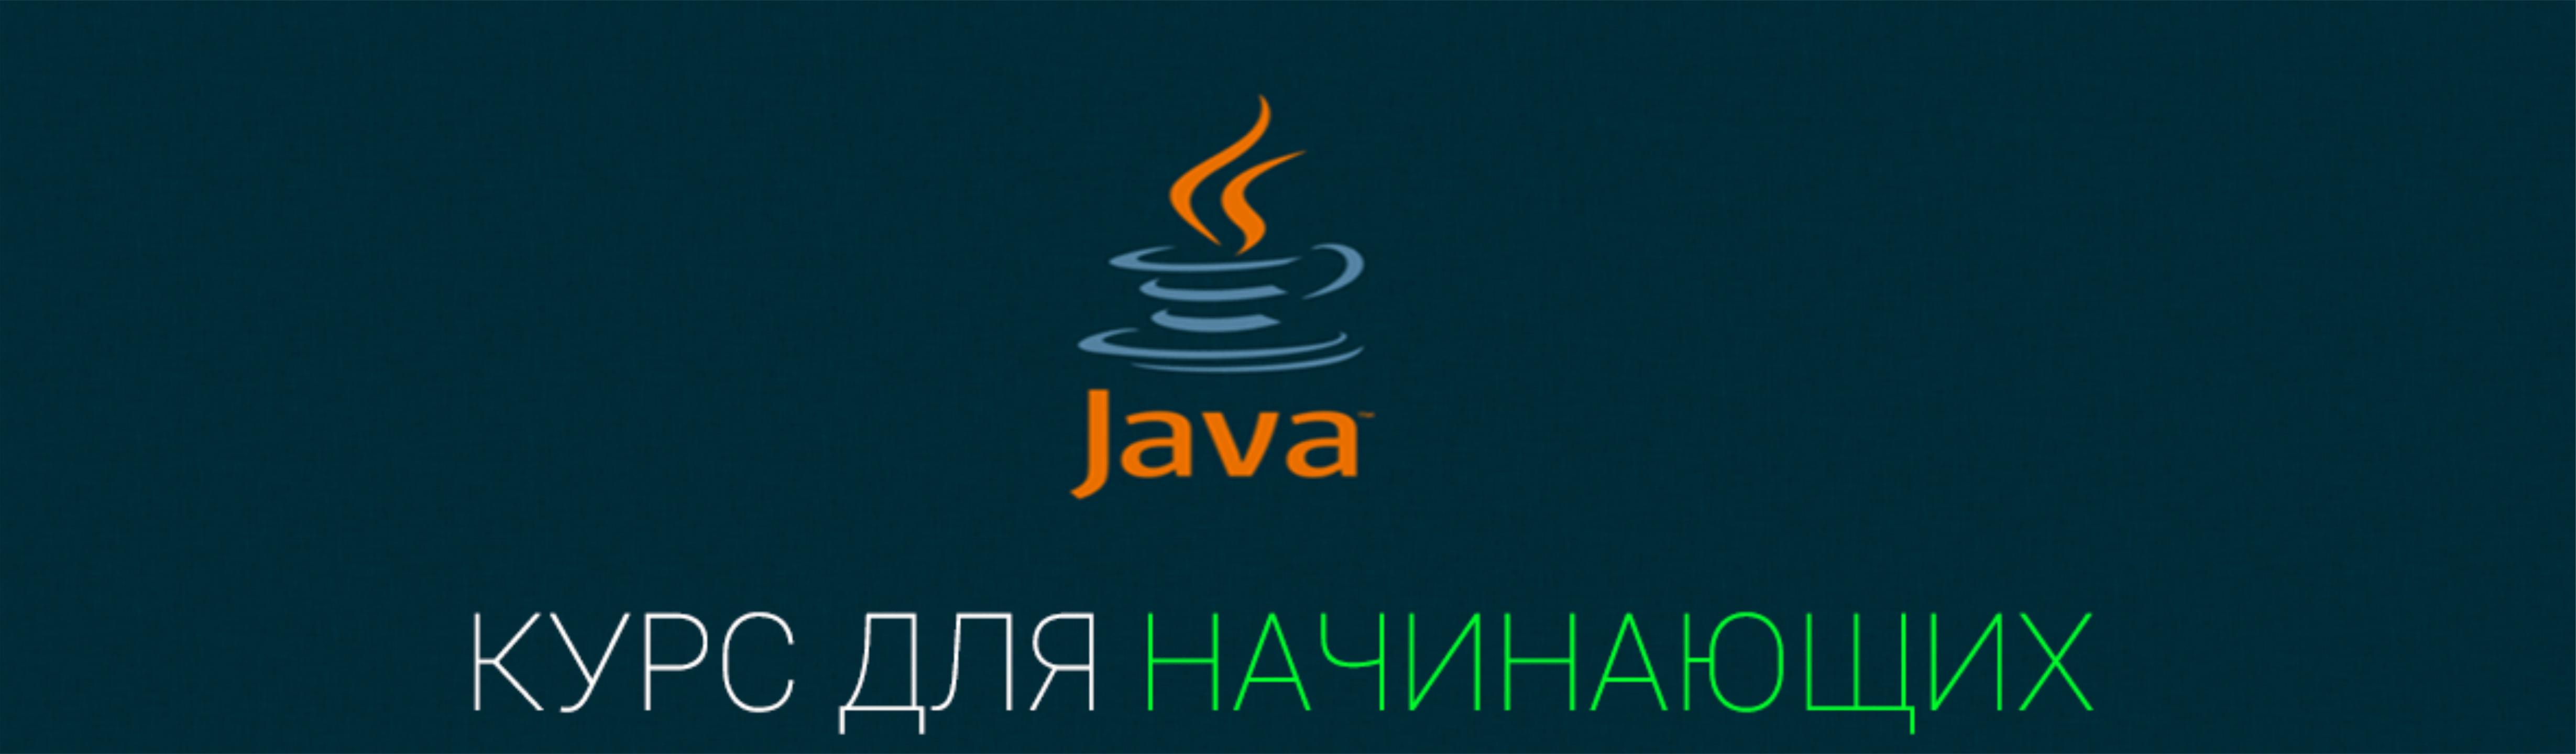 Курсы Java в Киеве с командой Арт Код